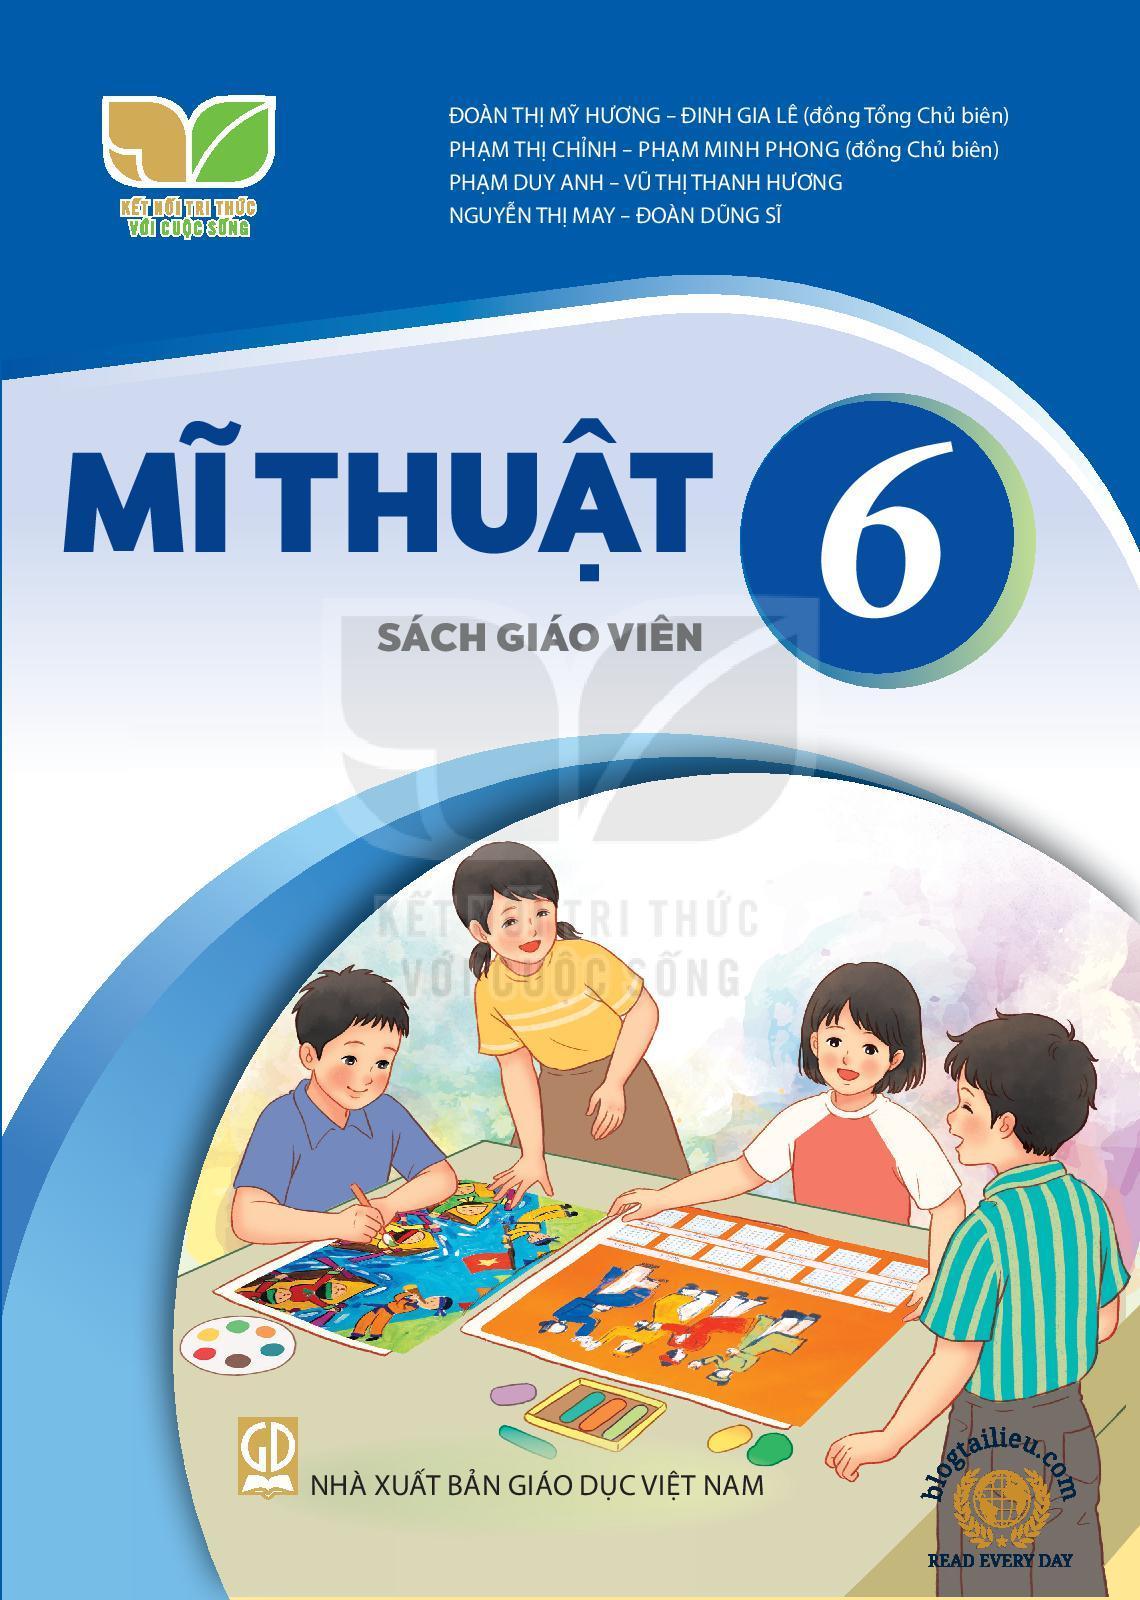 Sách giáo viên mĩ thuật 6 KNTT&CS